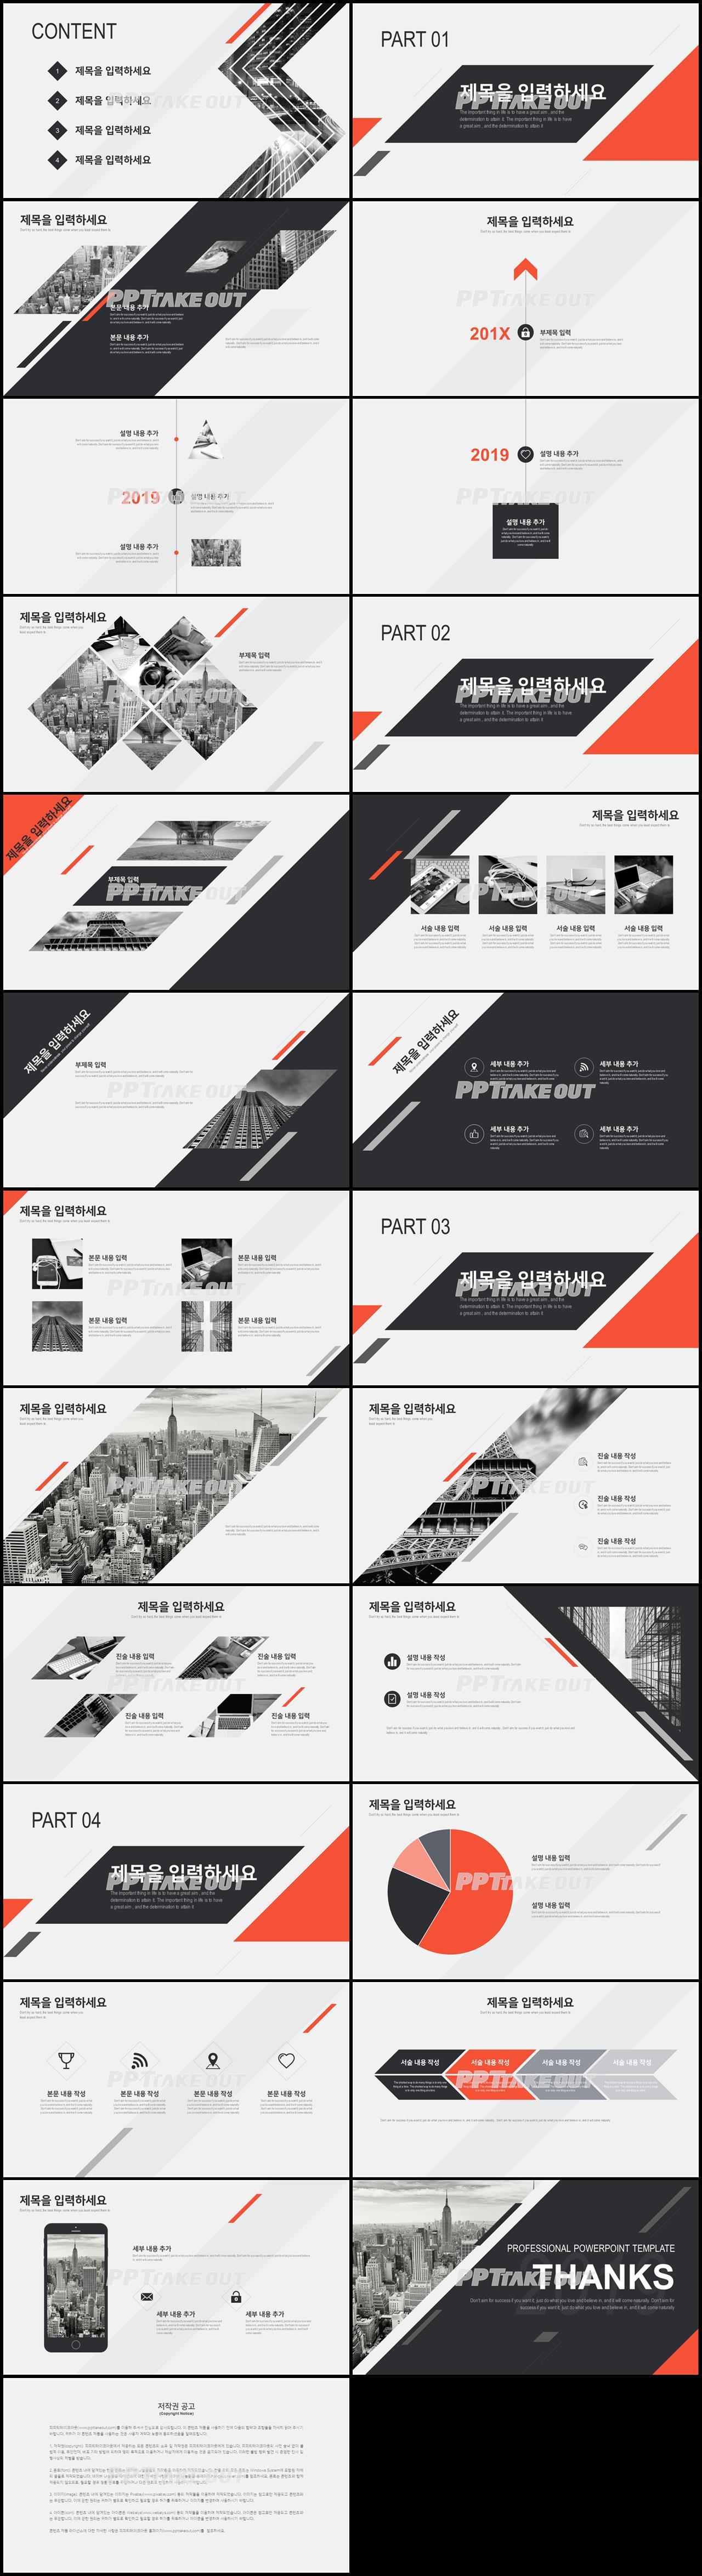 기업홍보 블랙 현대적인 멋진 POWERPOINT탬플릿 다운로드 상세보기